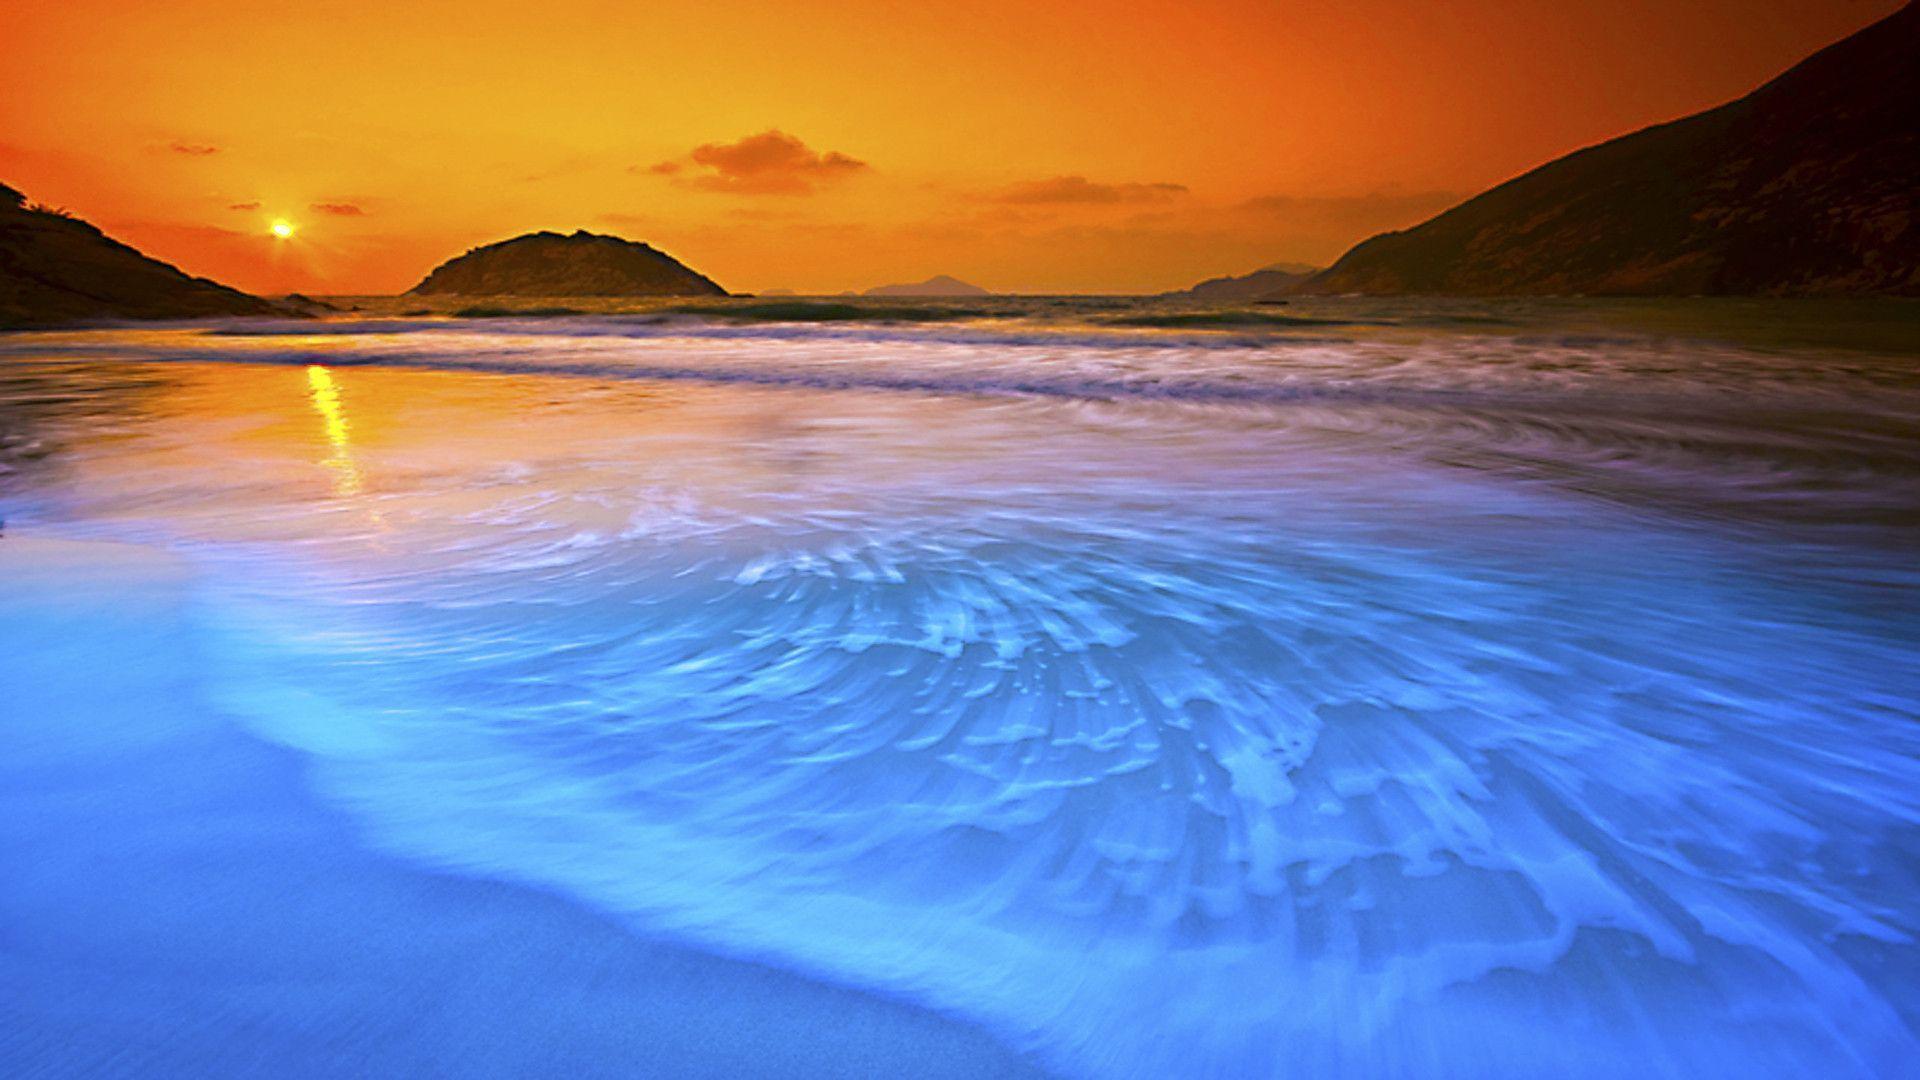 Cool Beach Wallpaper: Cool Sunset Backgrounds